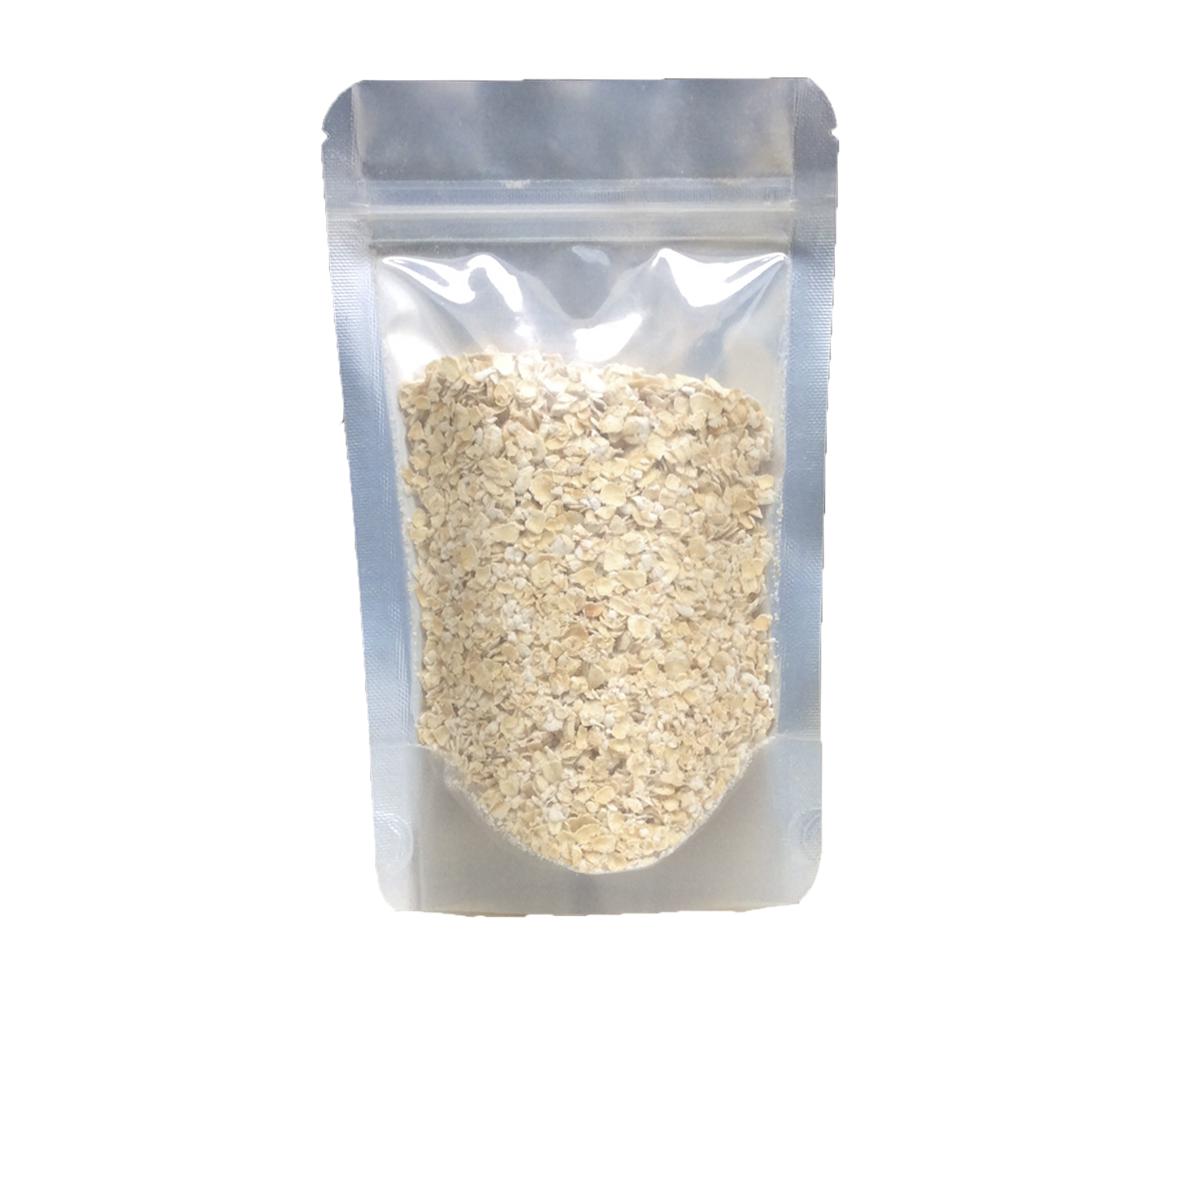 [Giá dùng thử] 100g yến mạch cán vỡ làm ngũ cốc giảm cân, làm bánh, bé ăn dặm, người tập gym Susuto Shop